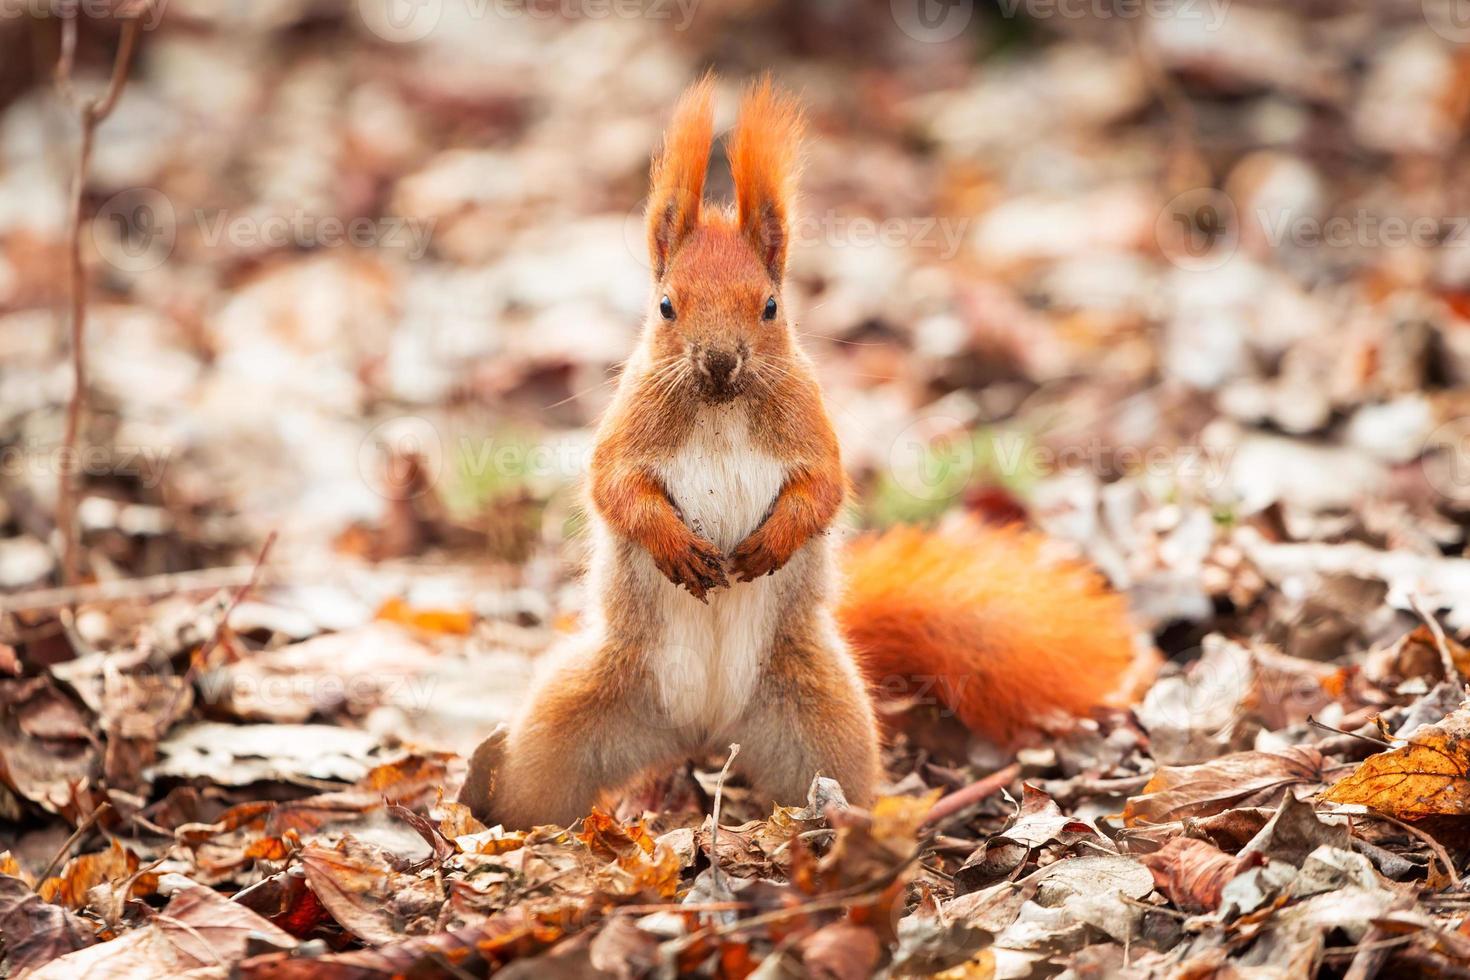 esquilo vermelho no parque foto